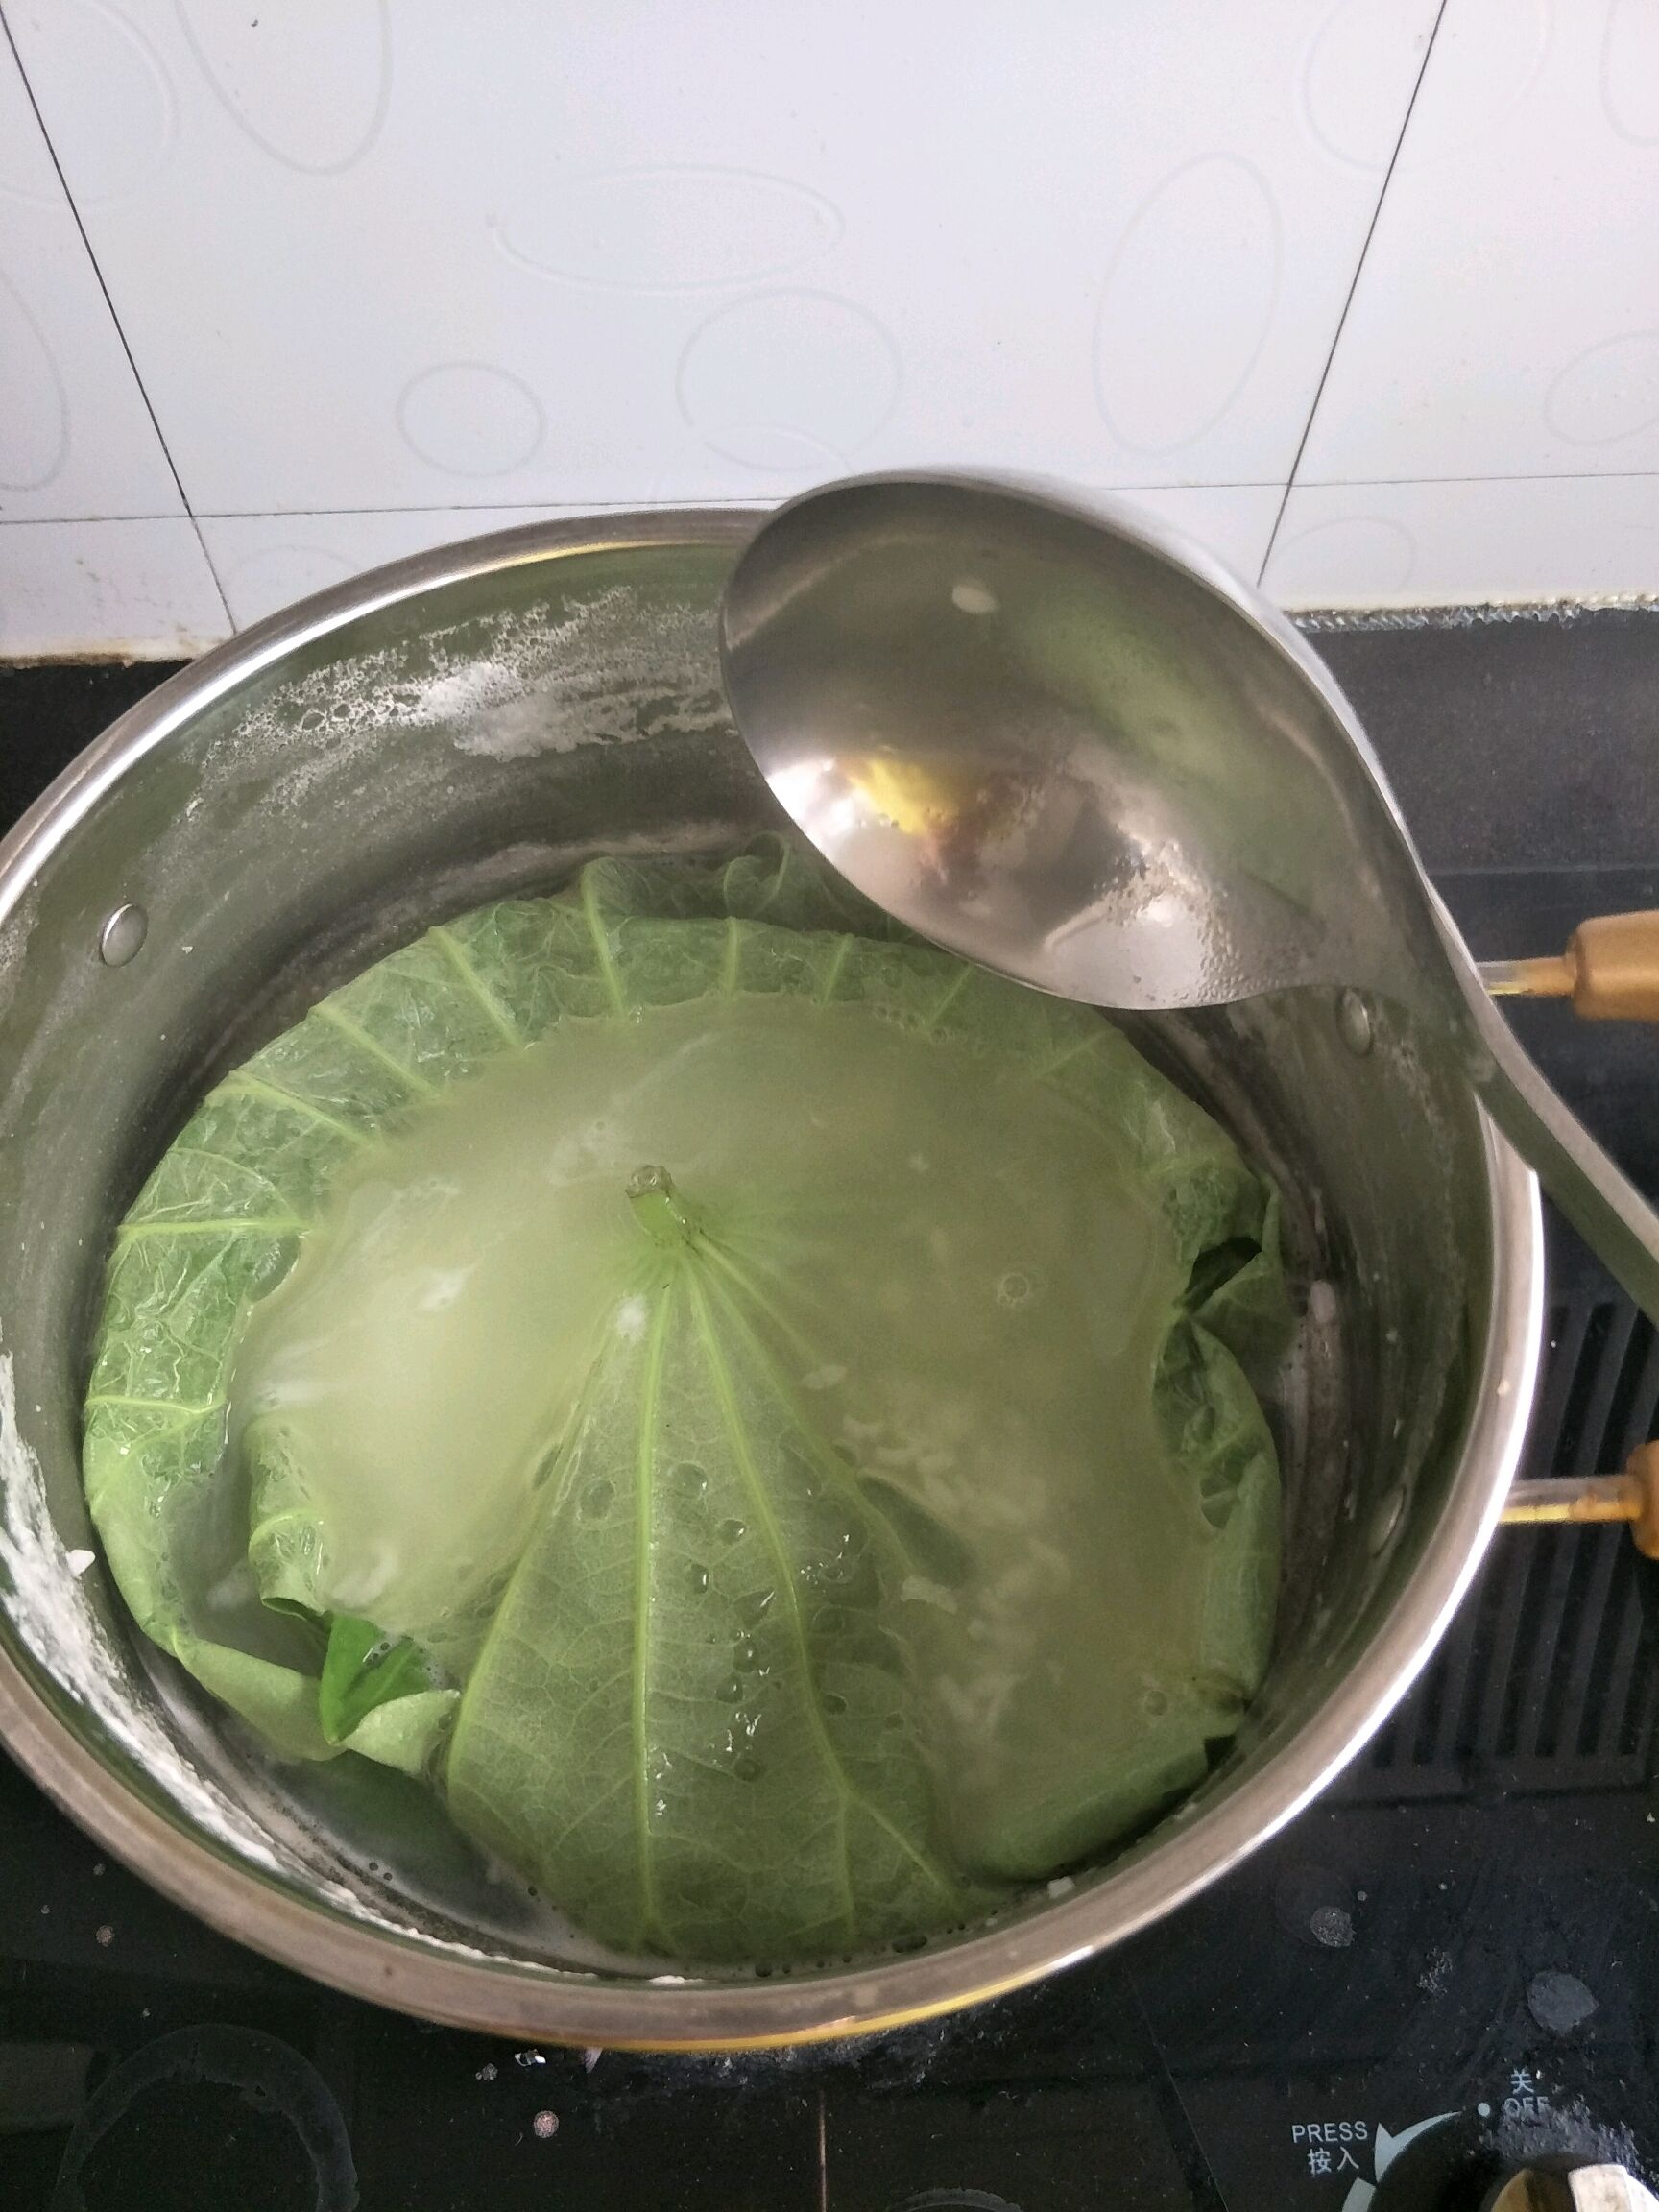 冰糖荷叶粥的做法步骤